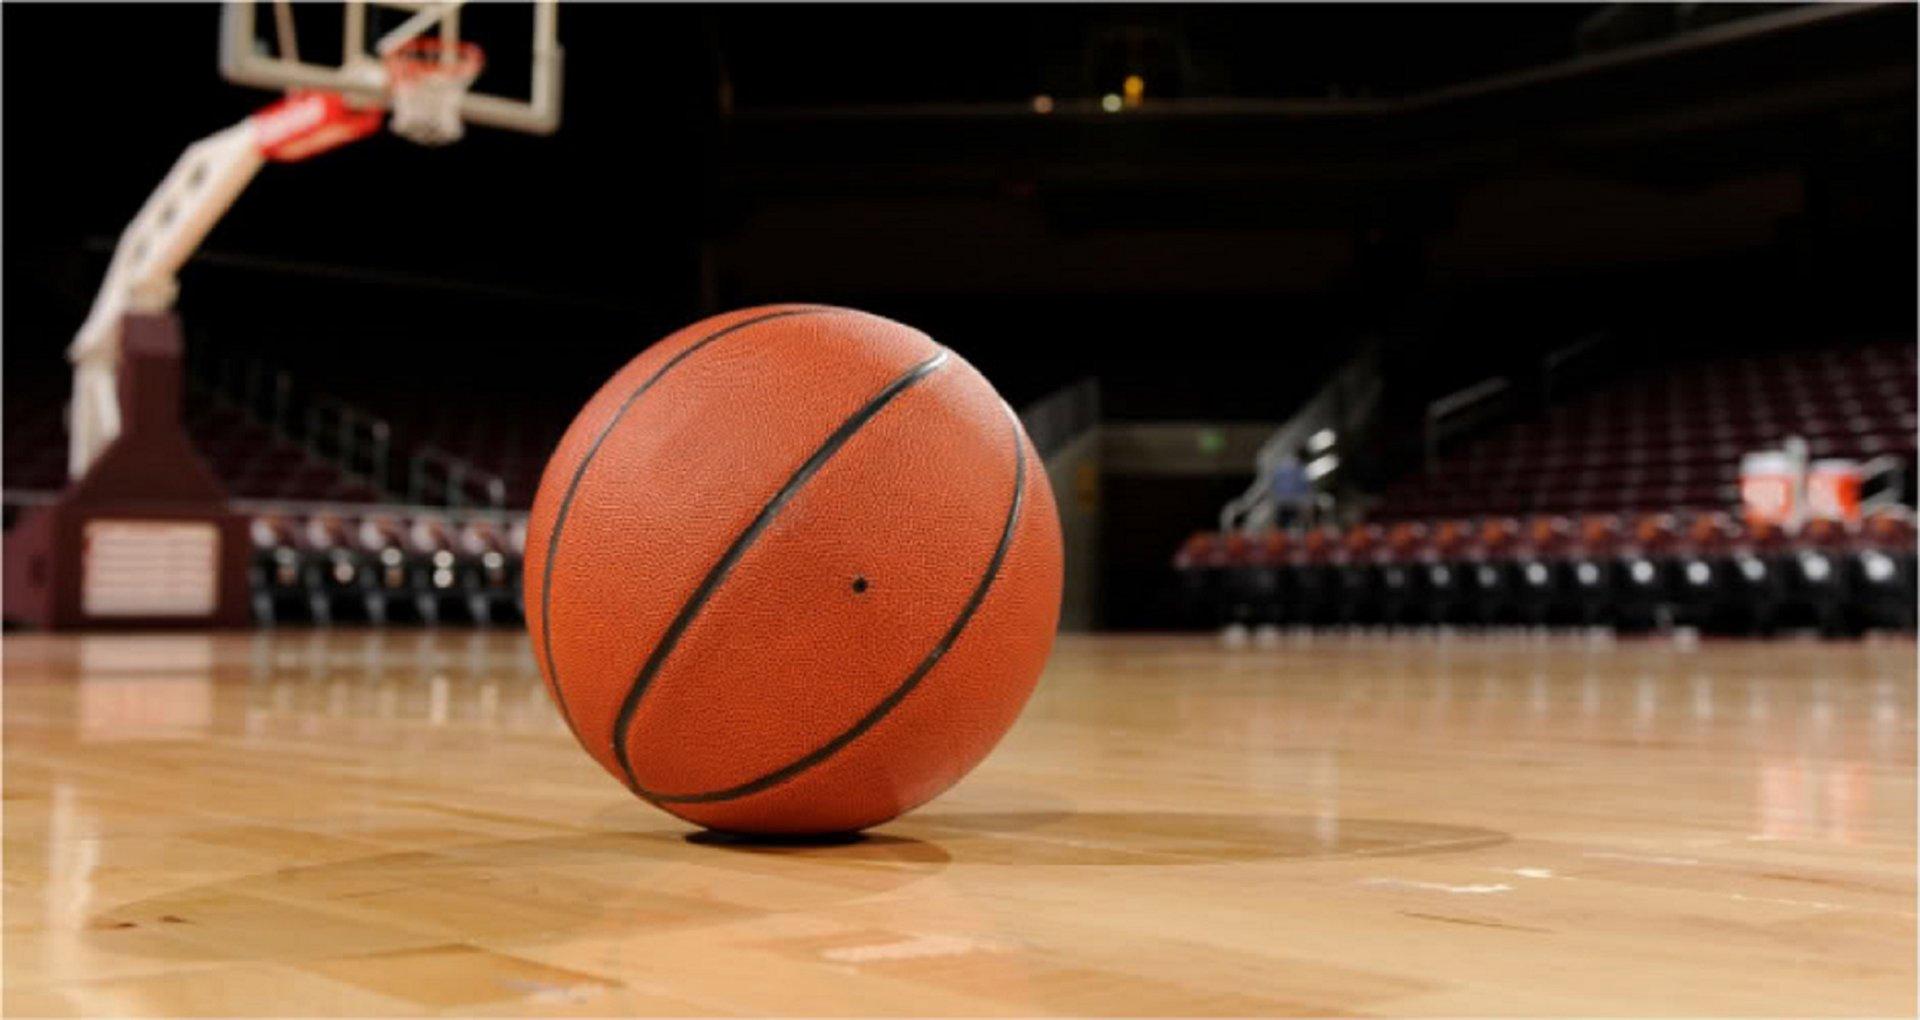 Calendario Basket A2 Ovest.Basket Ecco Il Calendario Della Bcc Treviglio In A2